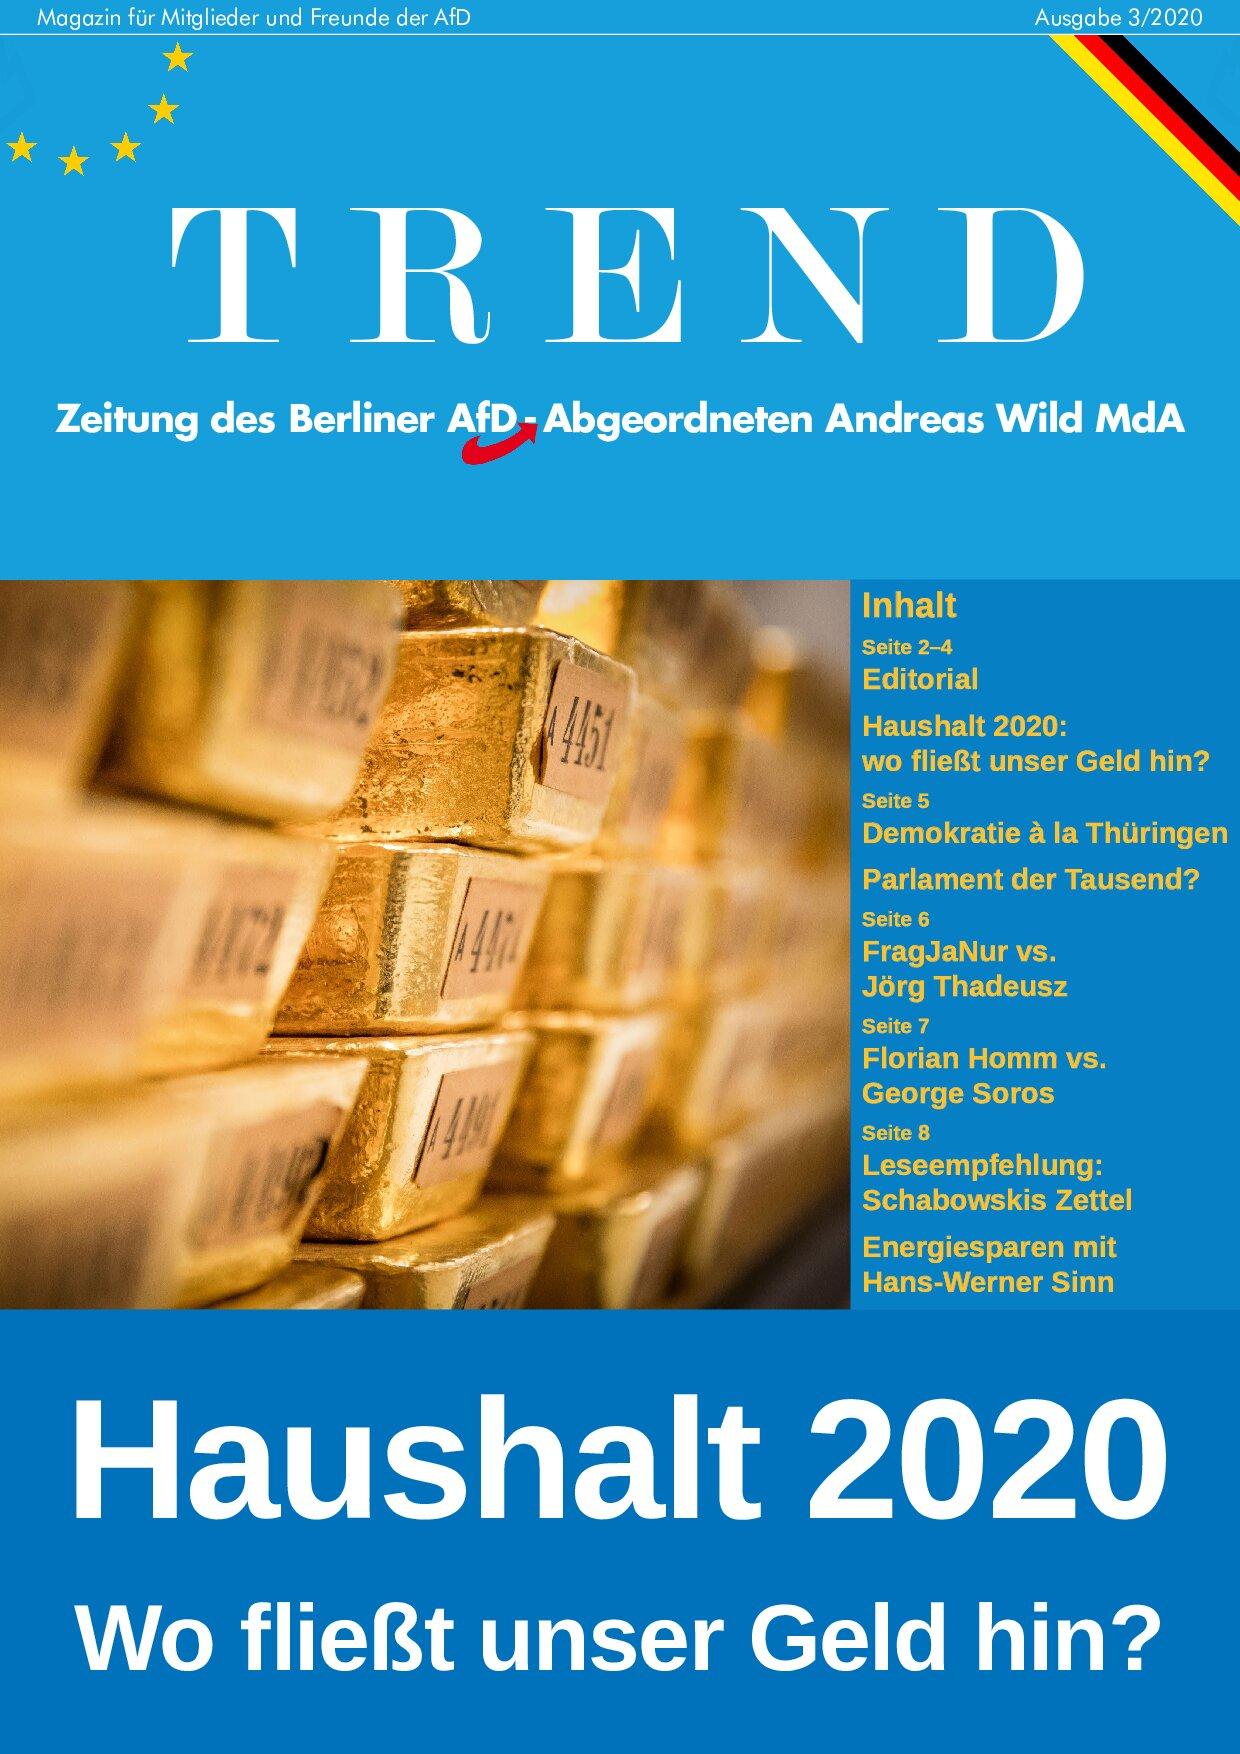 Trend-Magazin März 2020 – Haushalt 2020: Wohin fließt unser Geld?